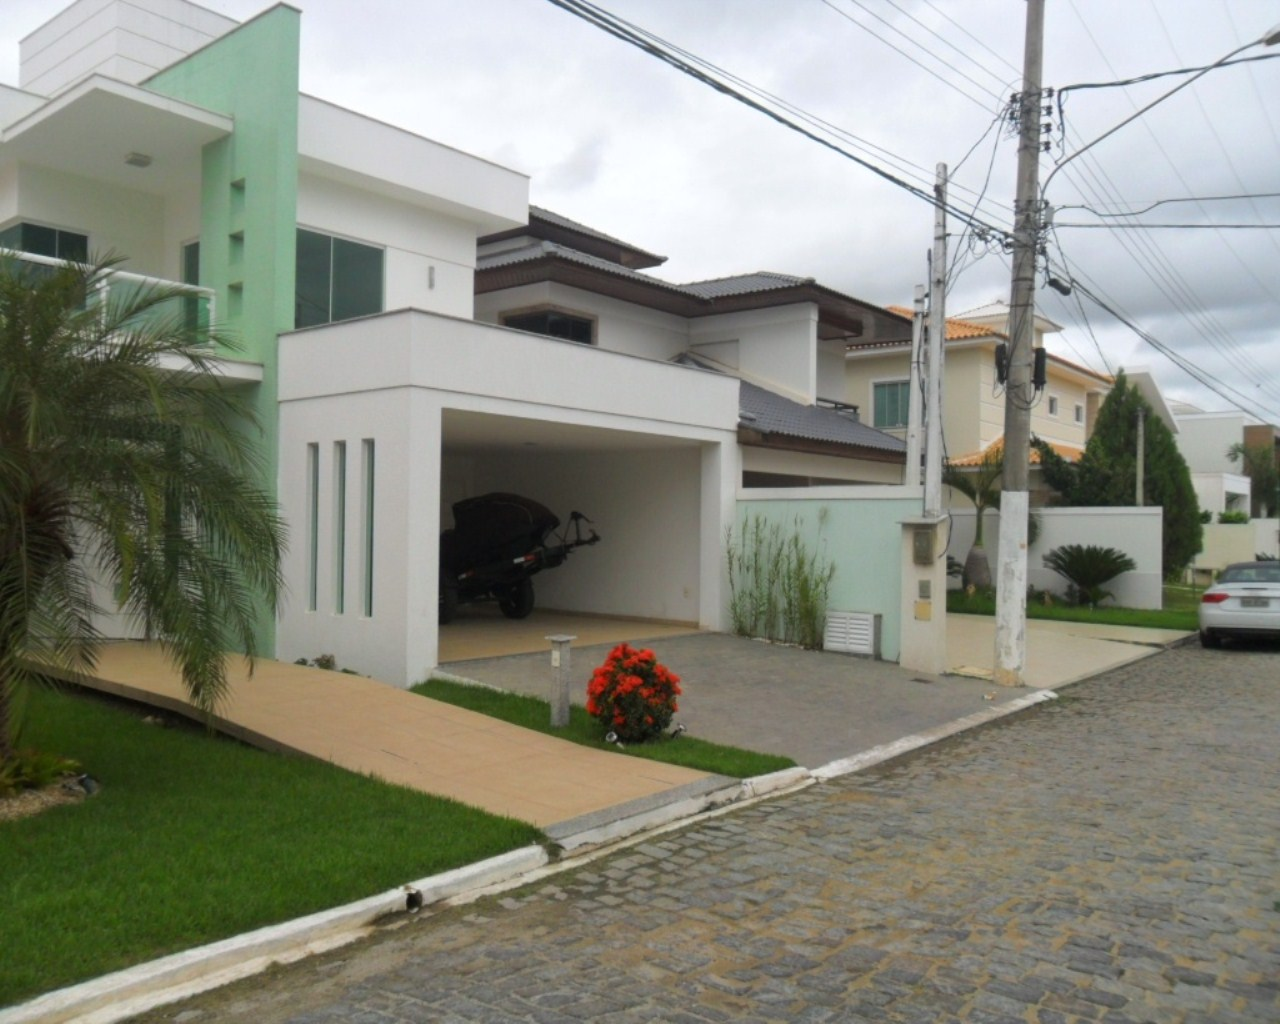 Imóvel em Parque Rodoviário  -  Campos dos Goytacazes - RJ